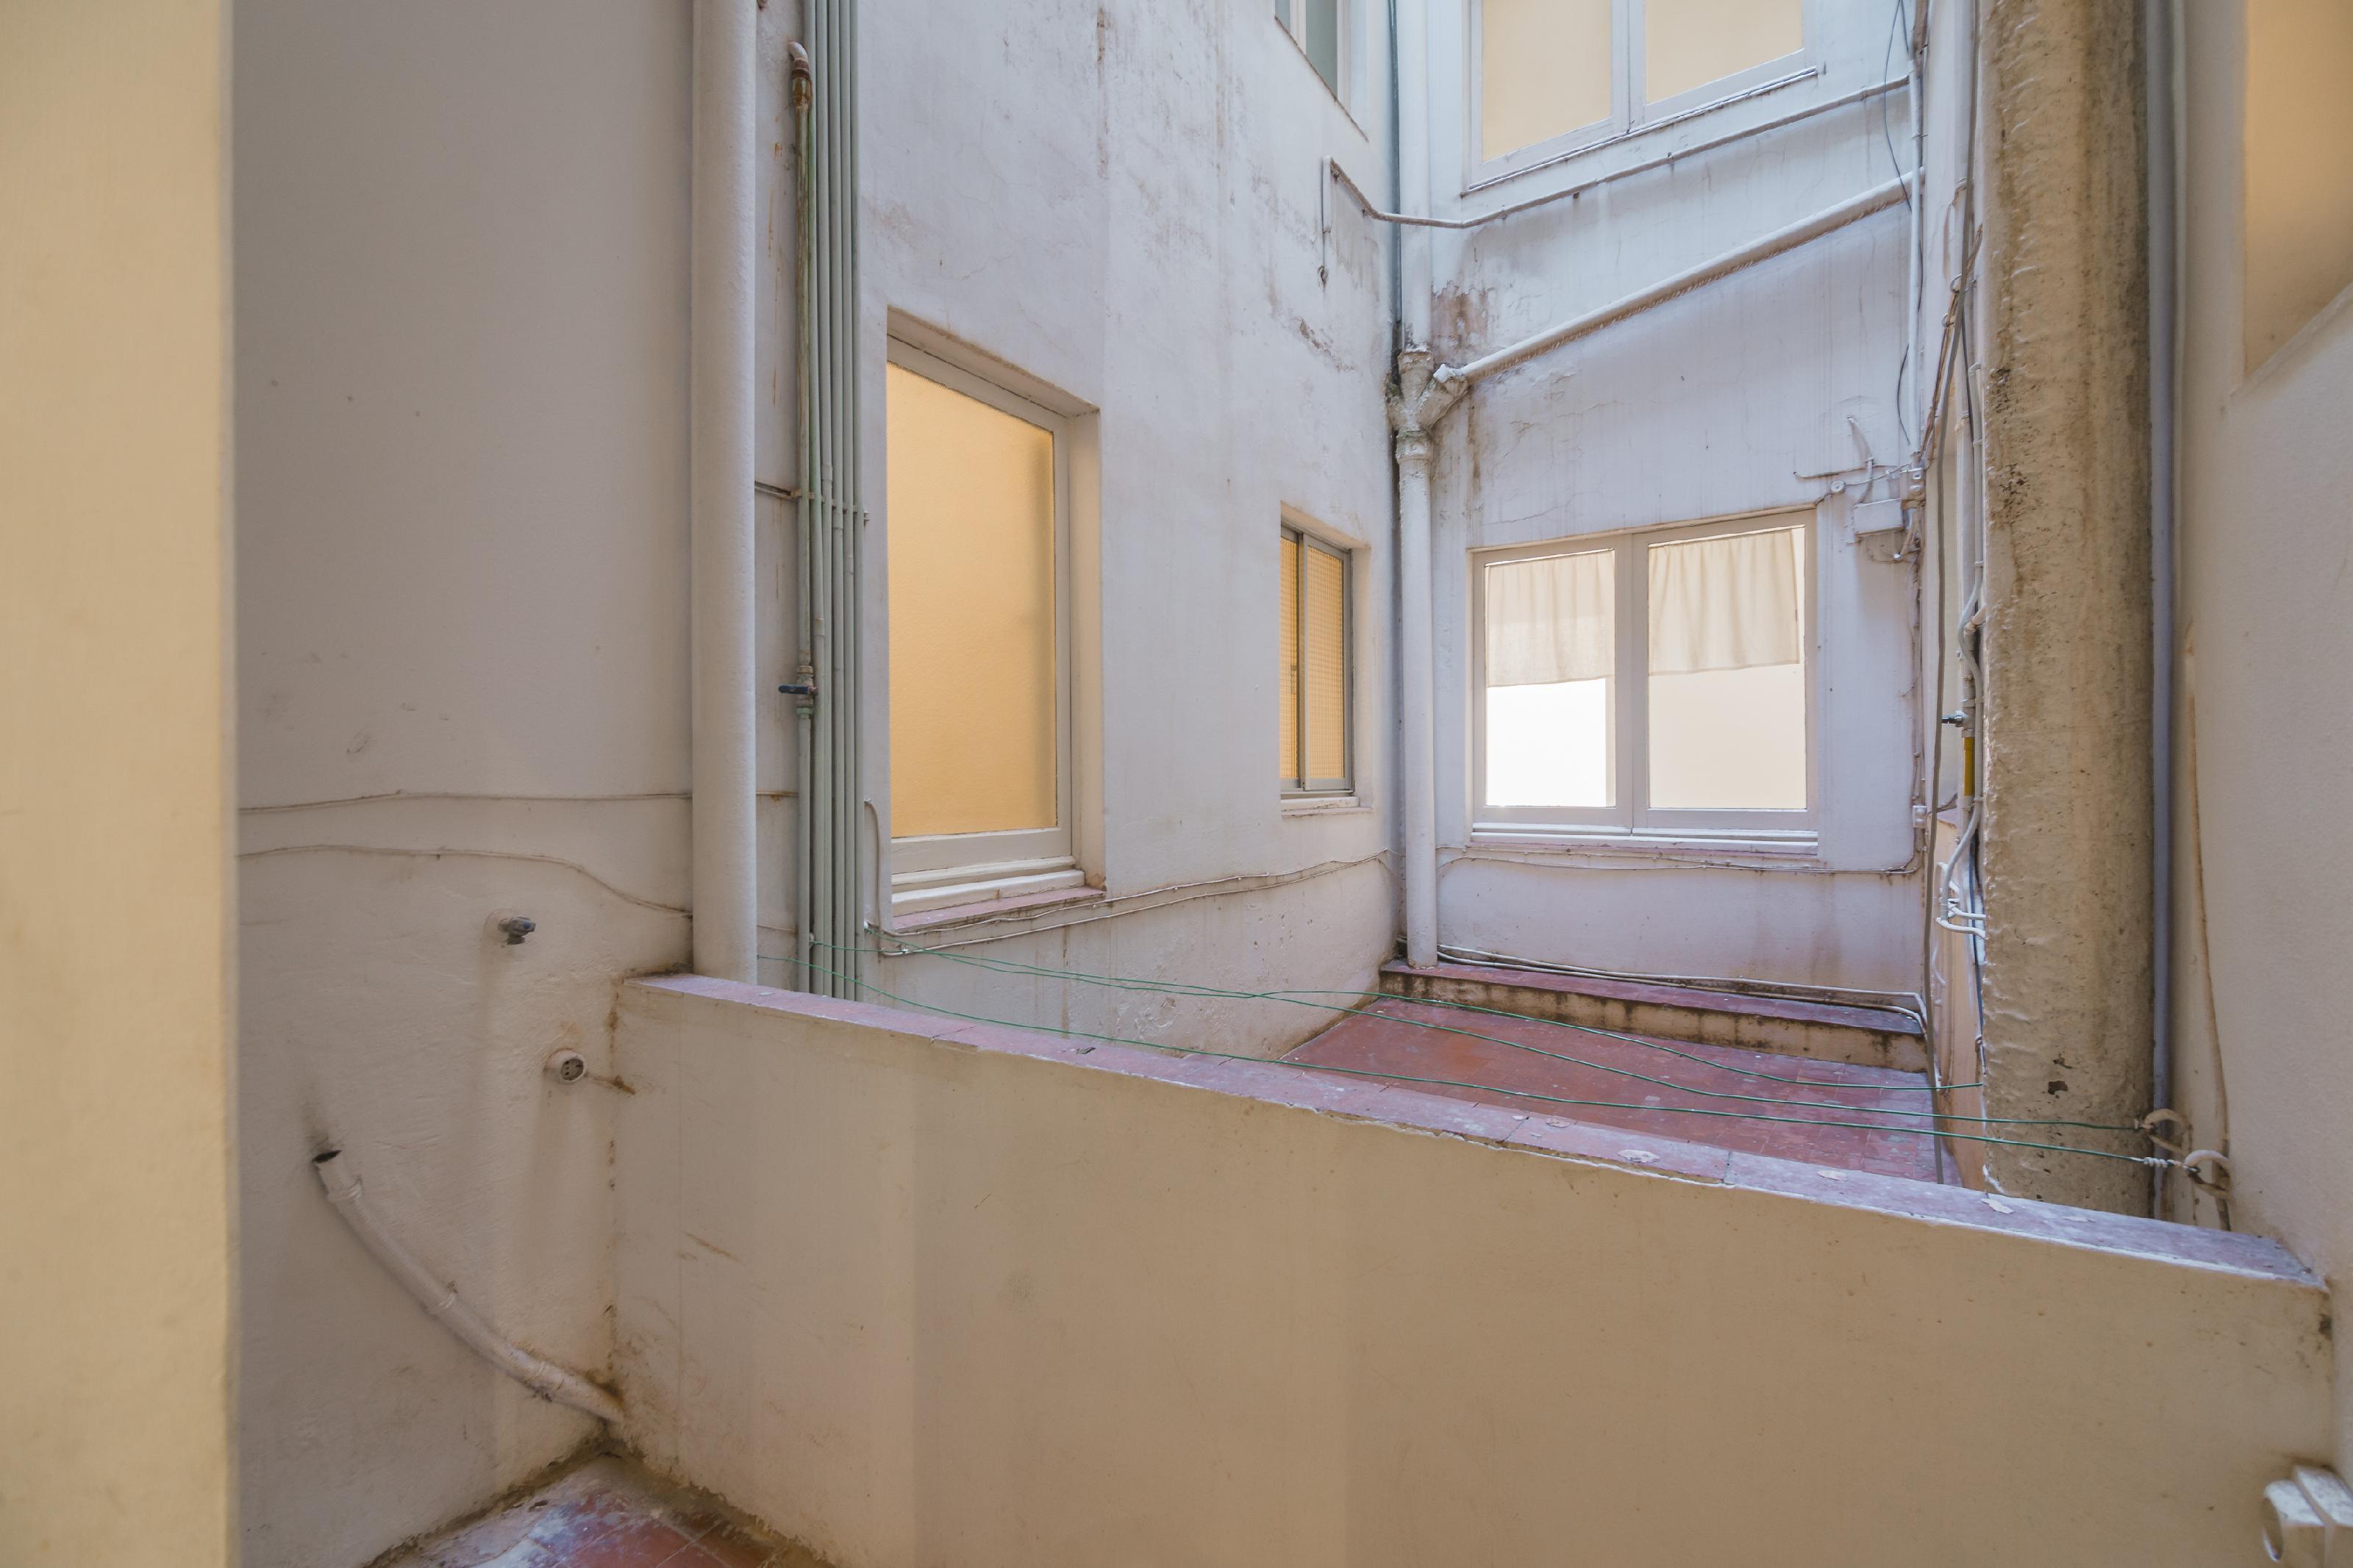 246347 Flat for sale in Sarrià-Sant Gervasi, St. Gervasi-Bonanova 26